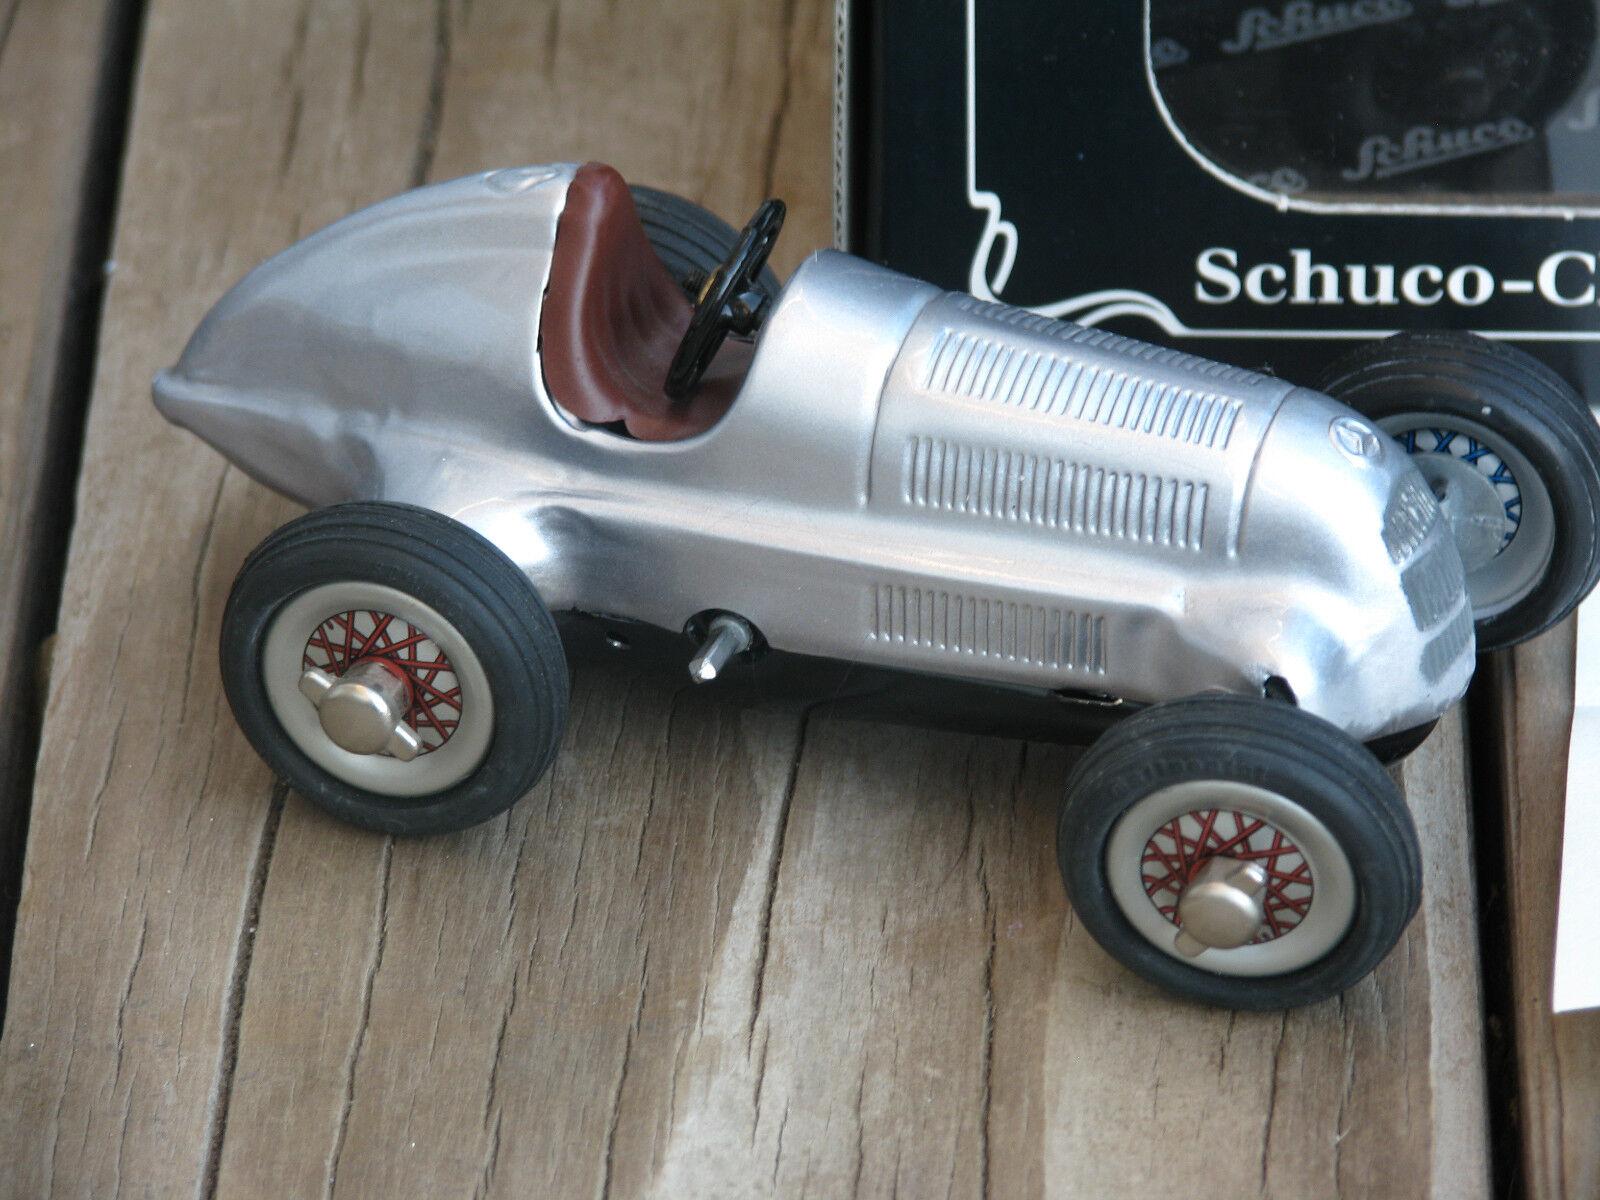 Schuco  c2018 Clásico Studio 1050 01011 mecanismo de relojería Estaño Juguete Coche de Carreras  Alemania